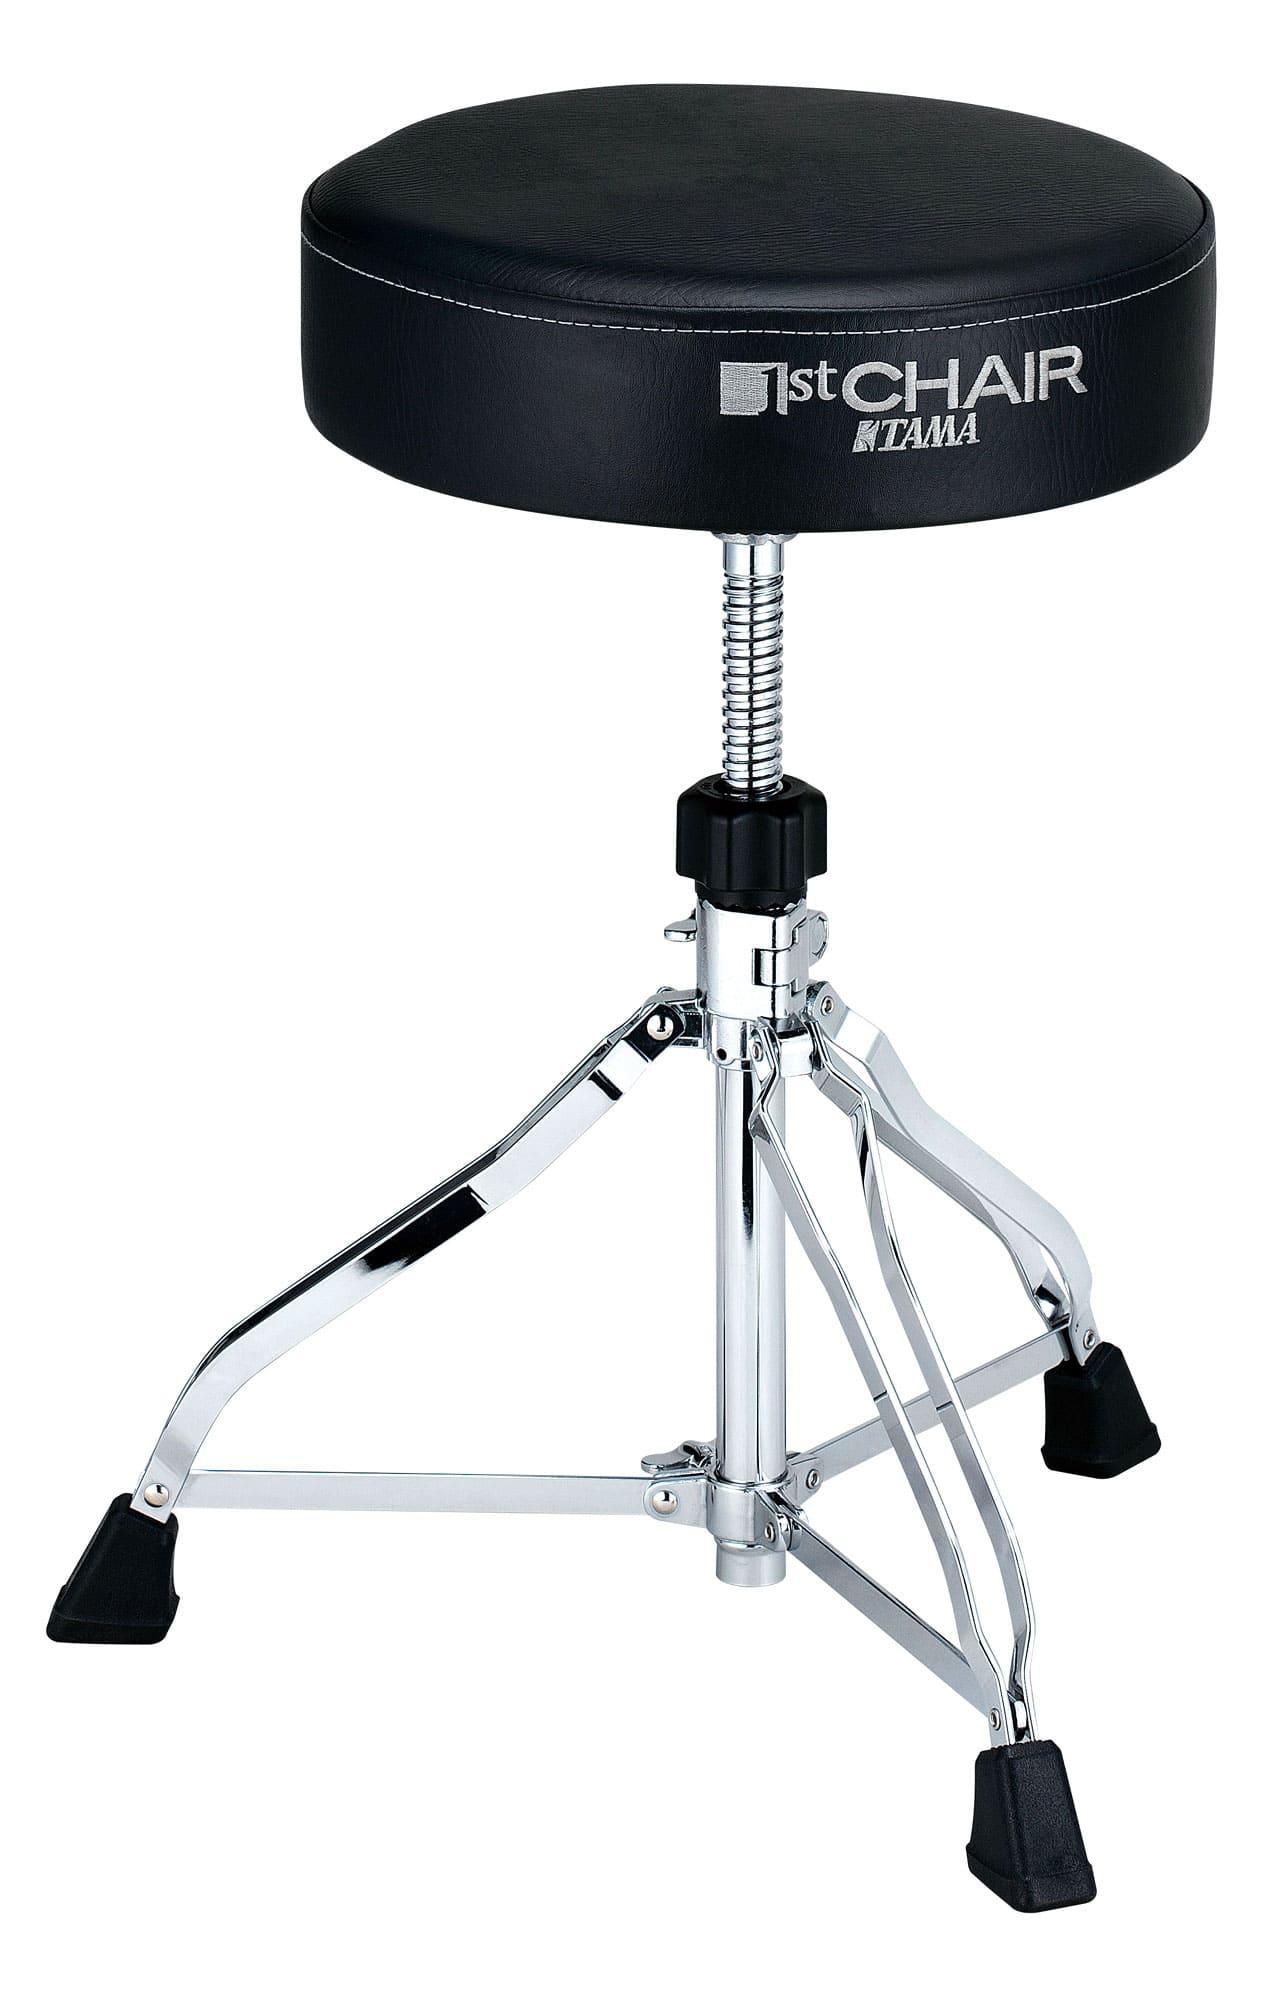 Drumhardware - Tama HT230 1st Chair Drumhocker - Onlineshop Musikhaus Kirstein